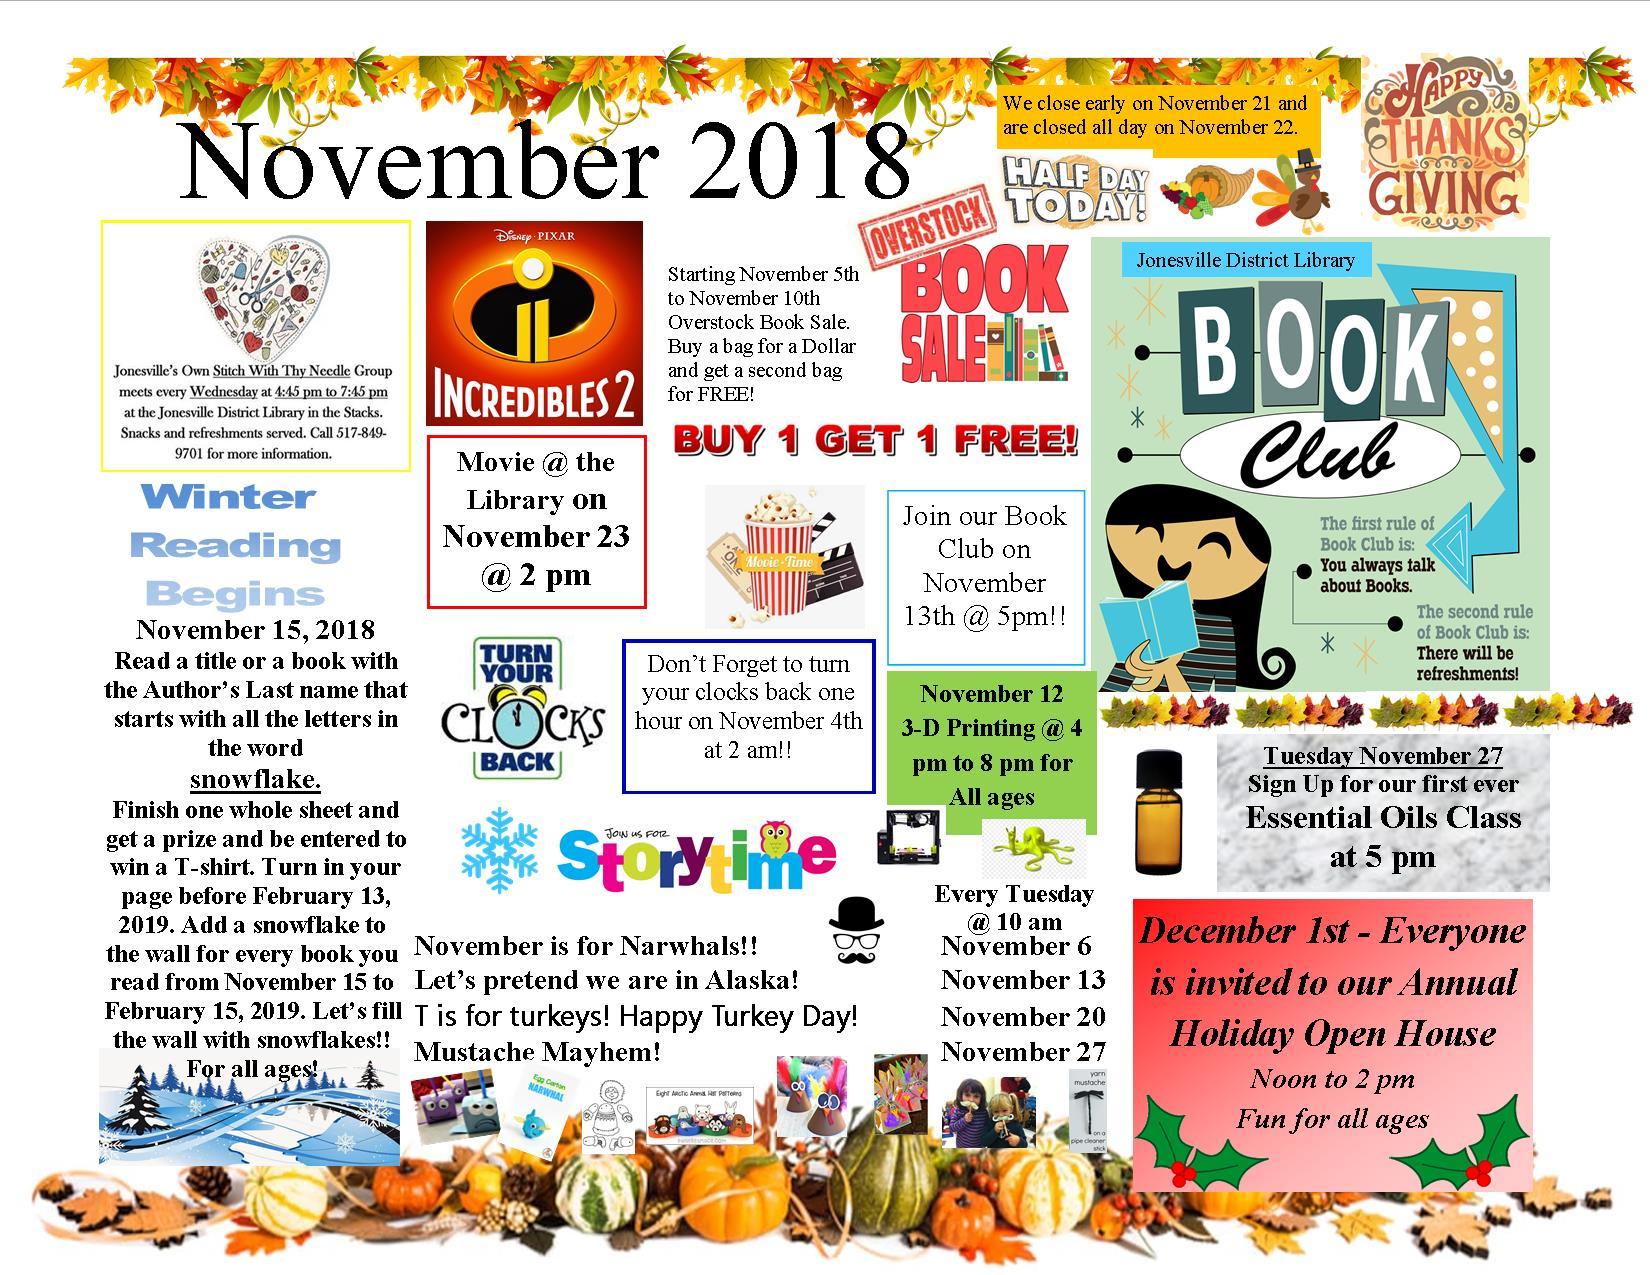 November 2018 pg 2.jpg